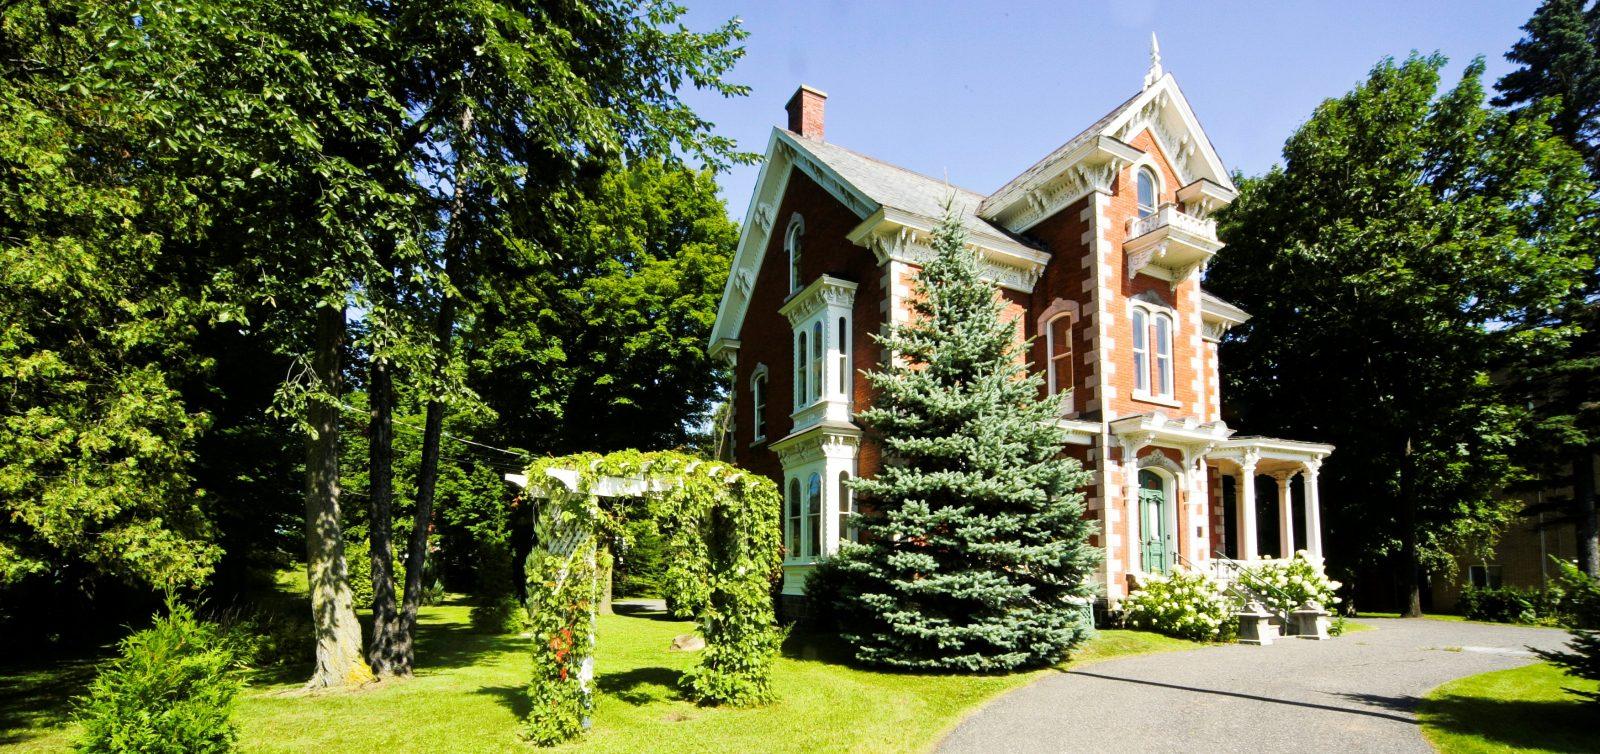 Les citoyens sont invités à photographier le patrimoine culturel de Drummondville